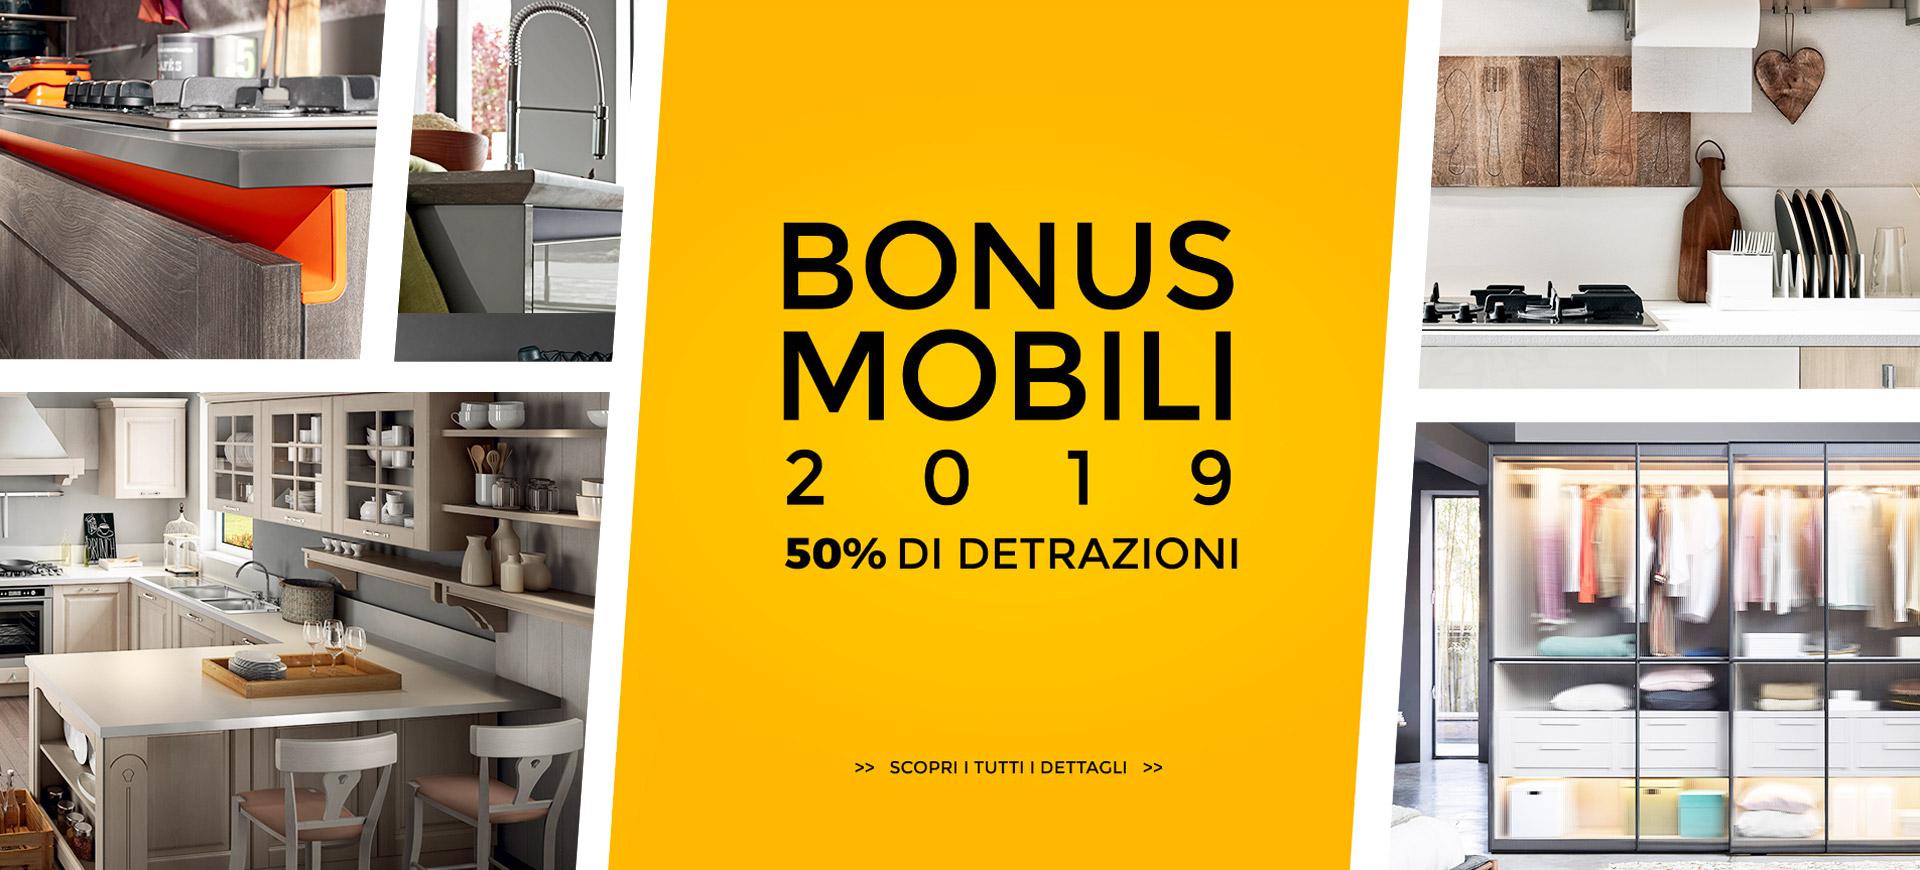 bonus mobili 2019 detrazione fiscale fino a 50%